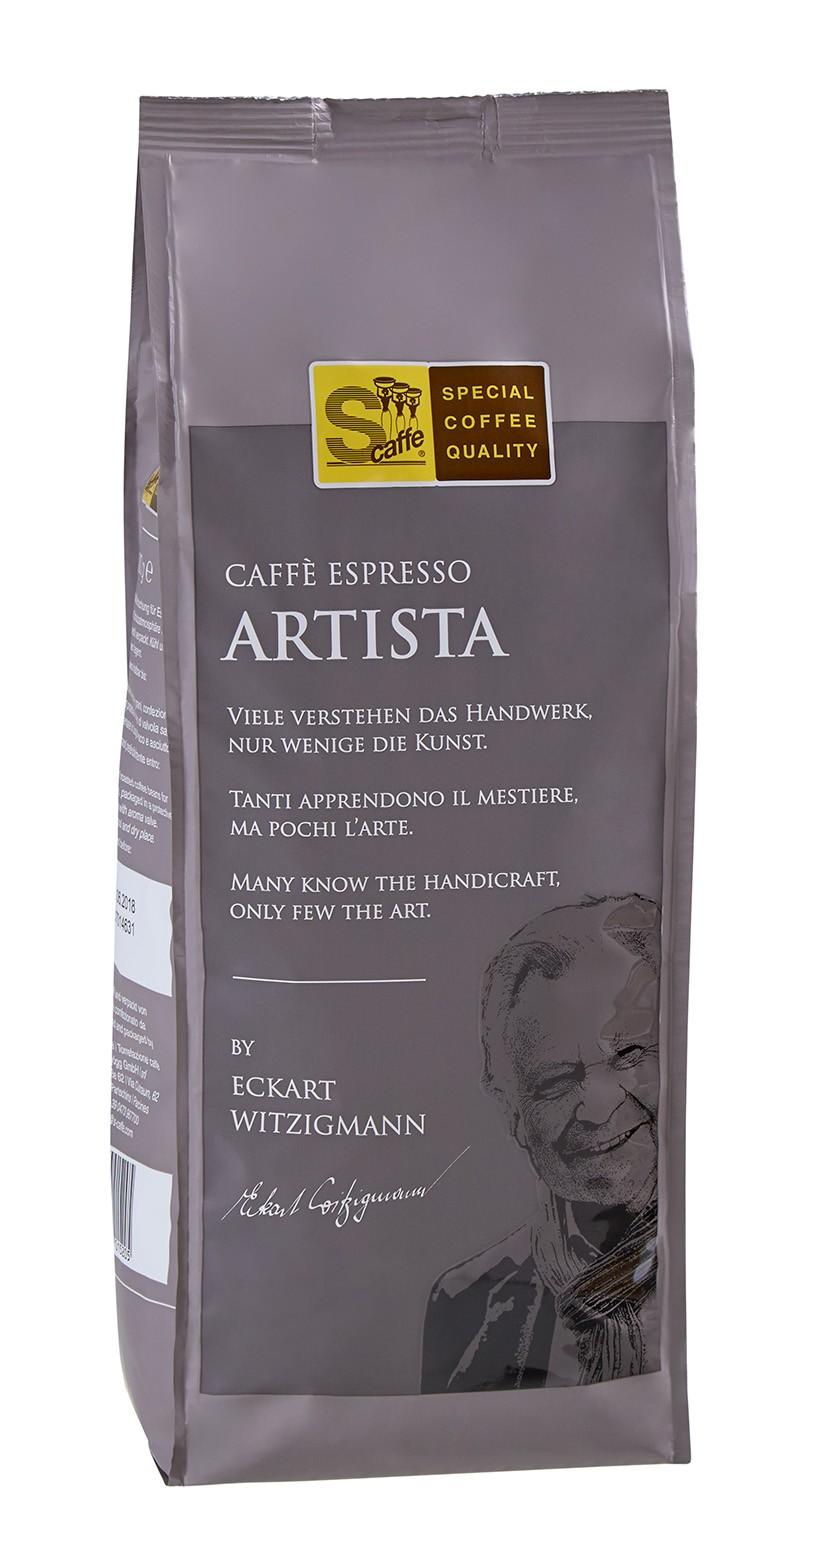 Caffè Espresso Artista 1000g